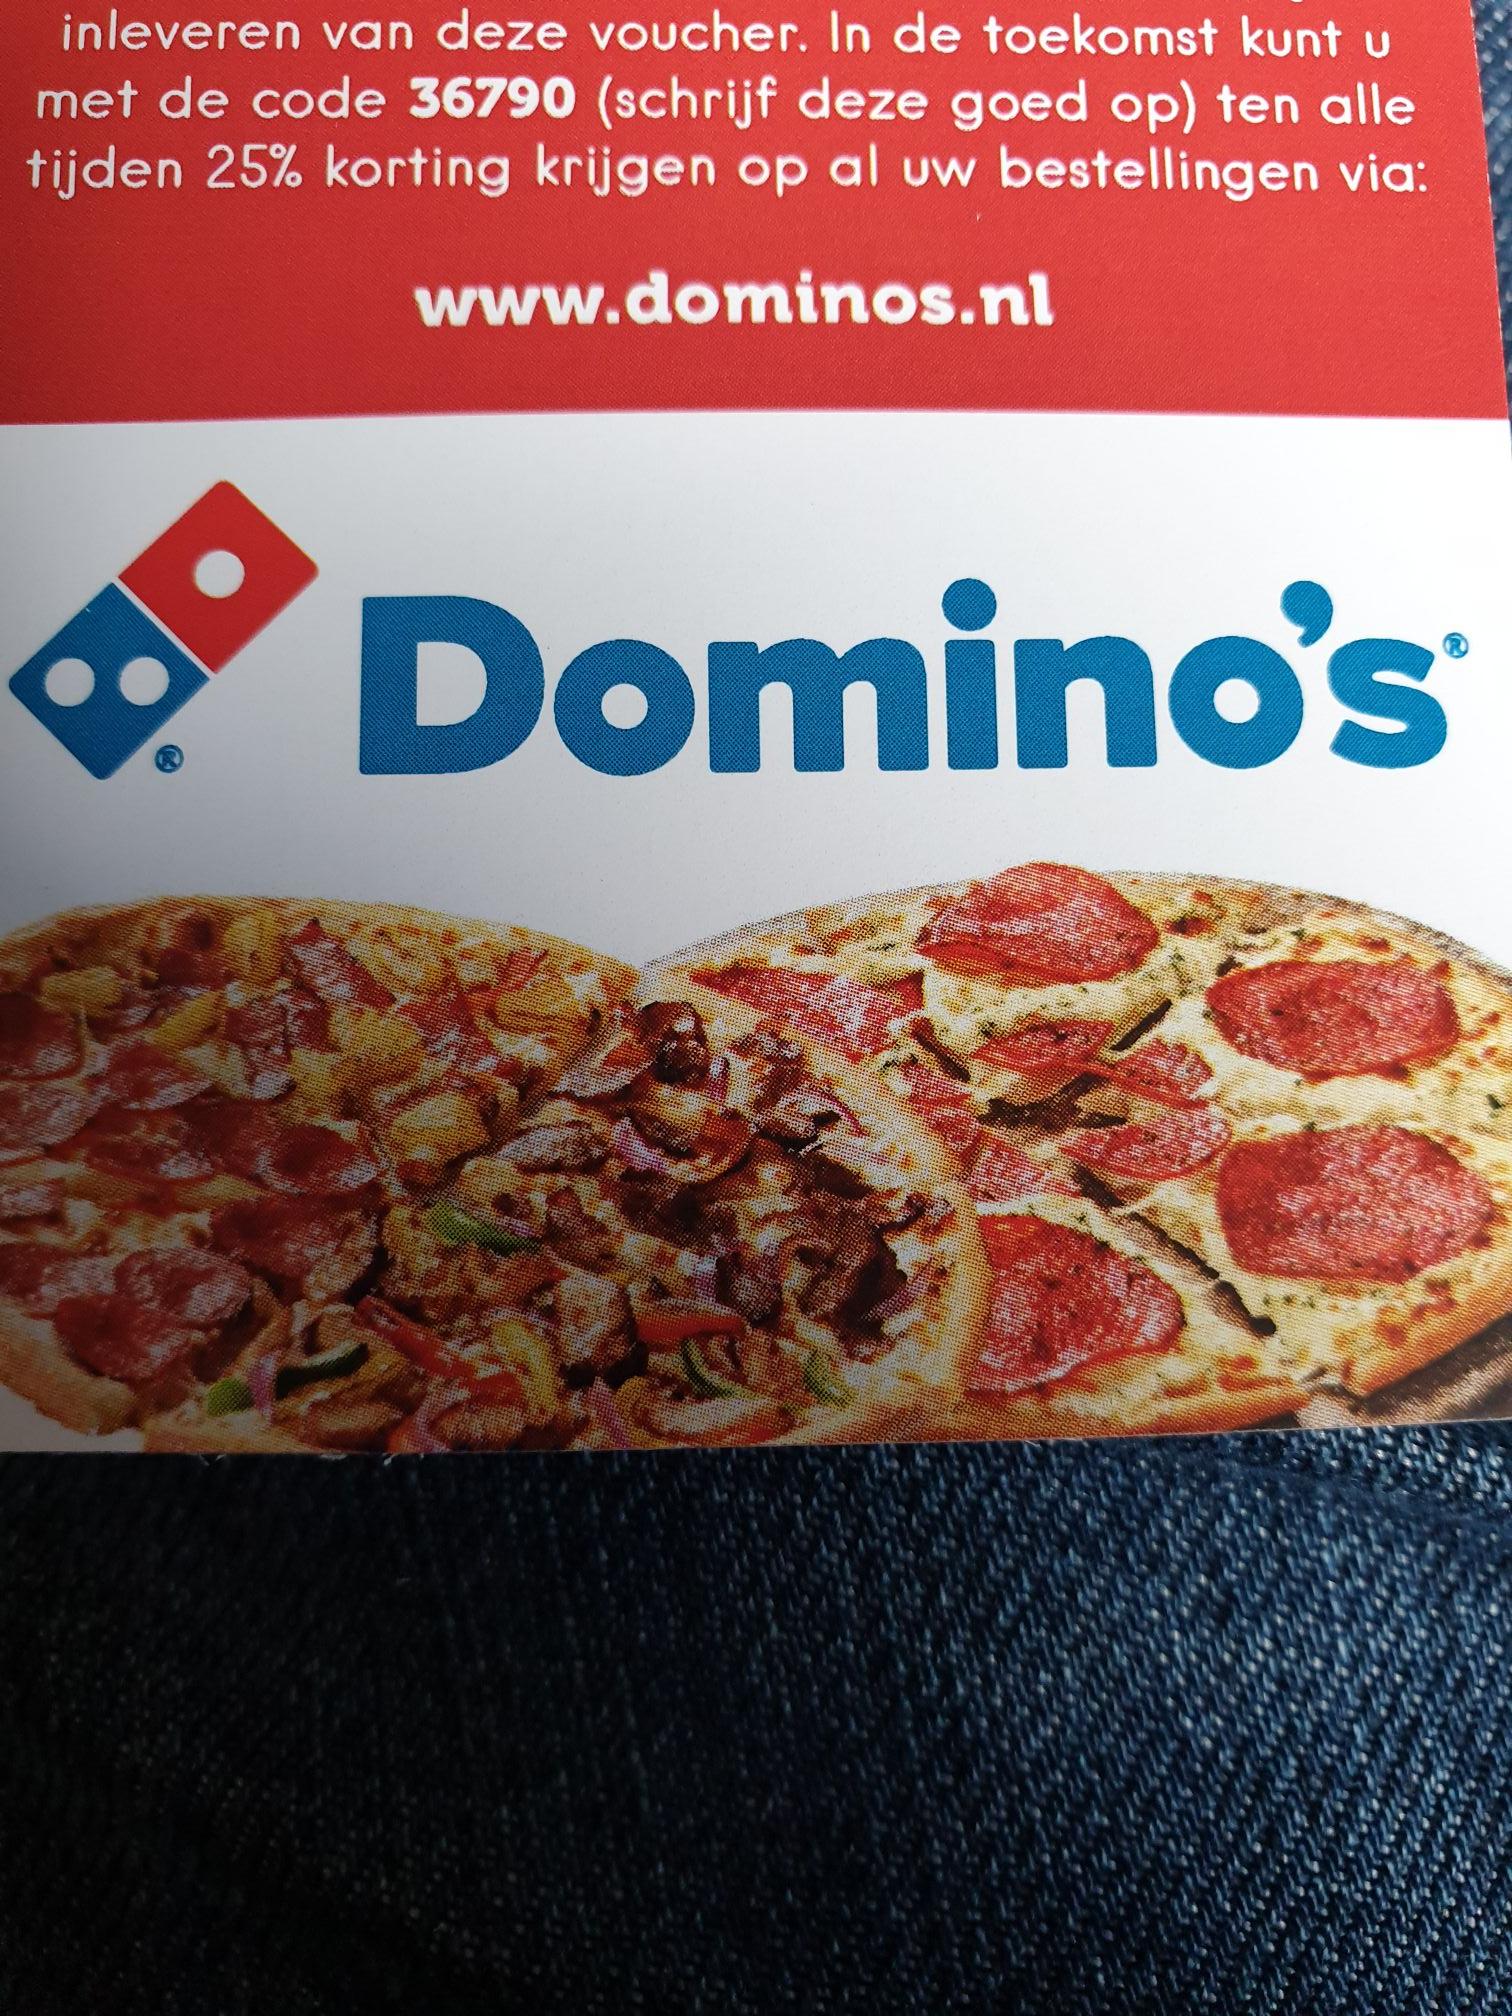 (Breda) 25% online korting bij dominos